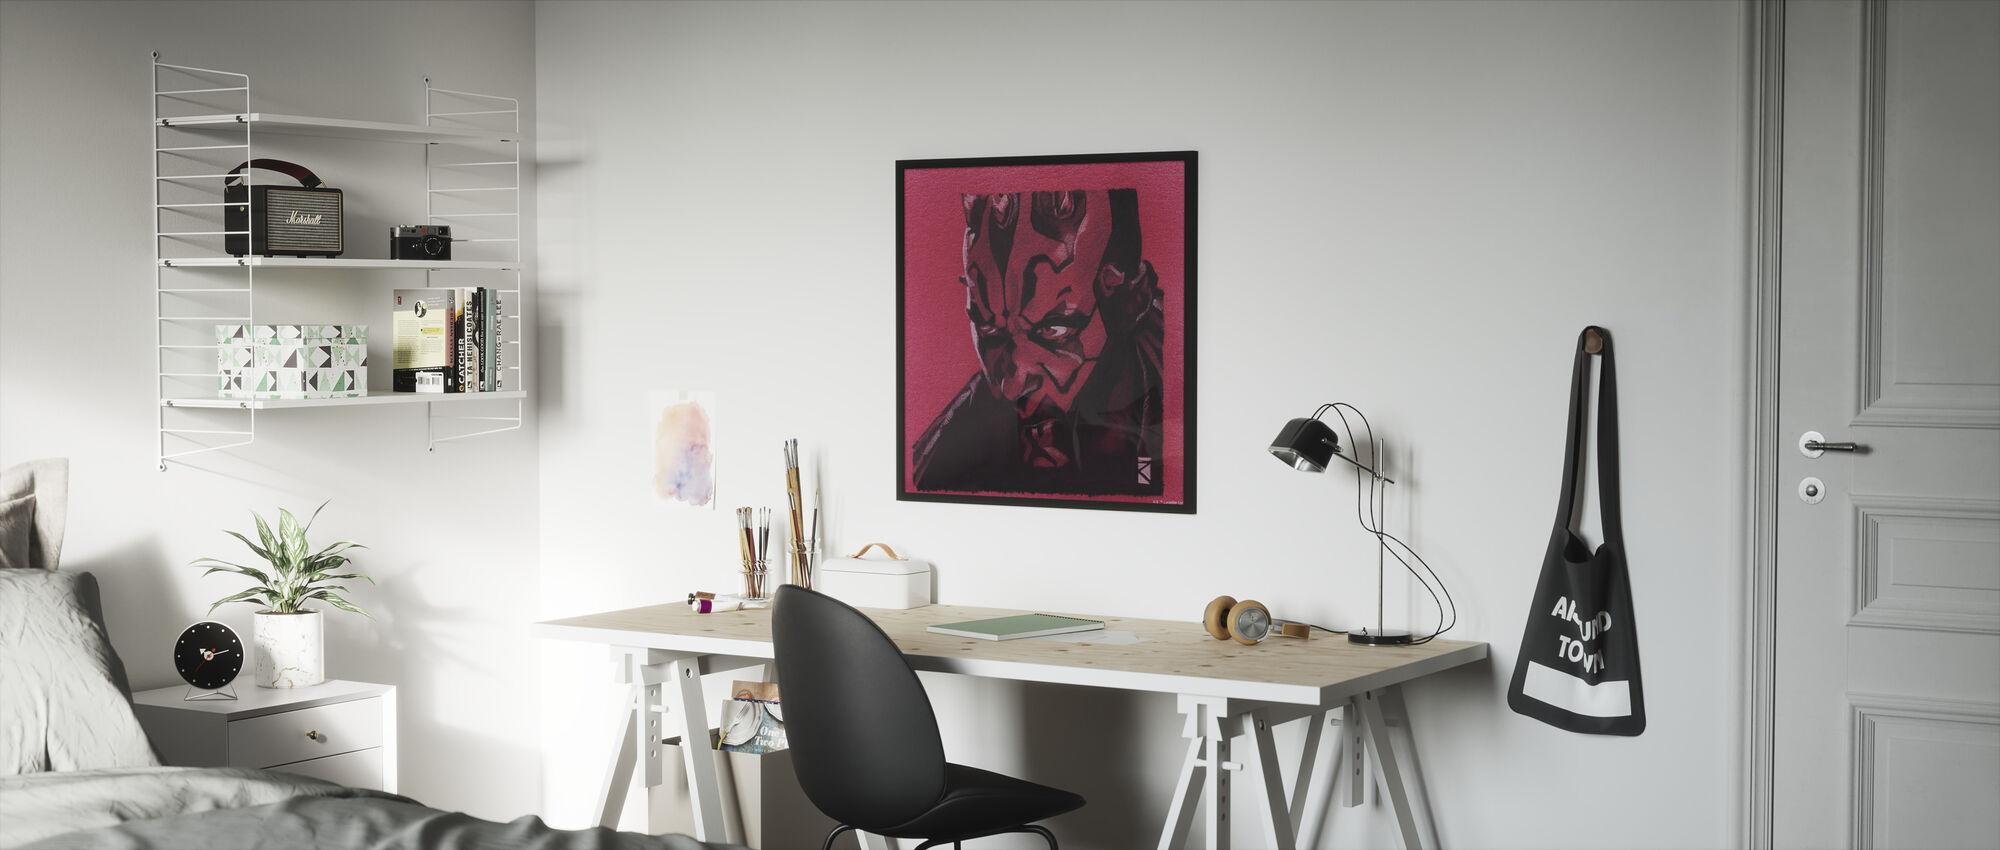 Star Wars - Darth Maul rød grafitt - Innrammet bilde - Barnerom